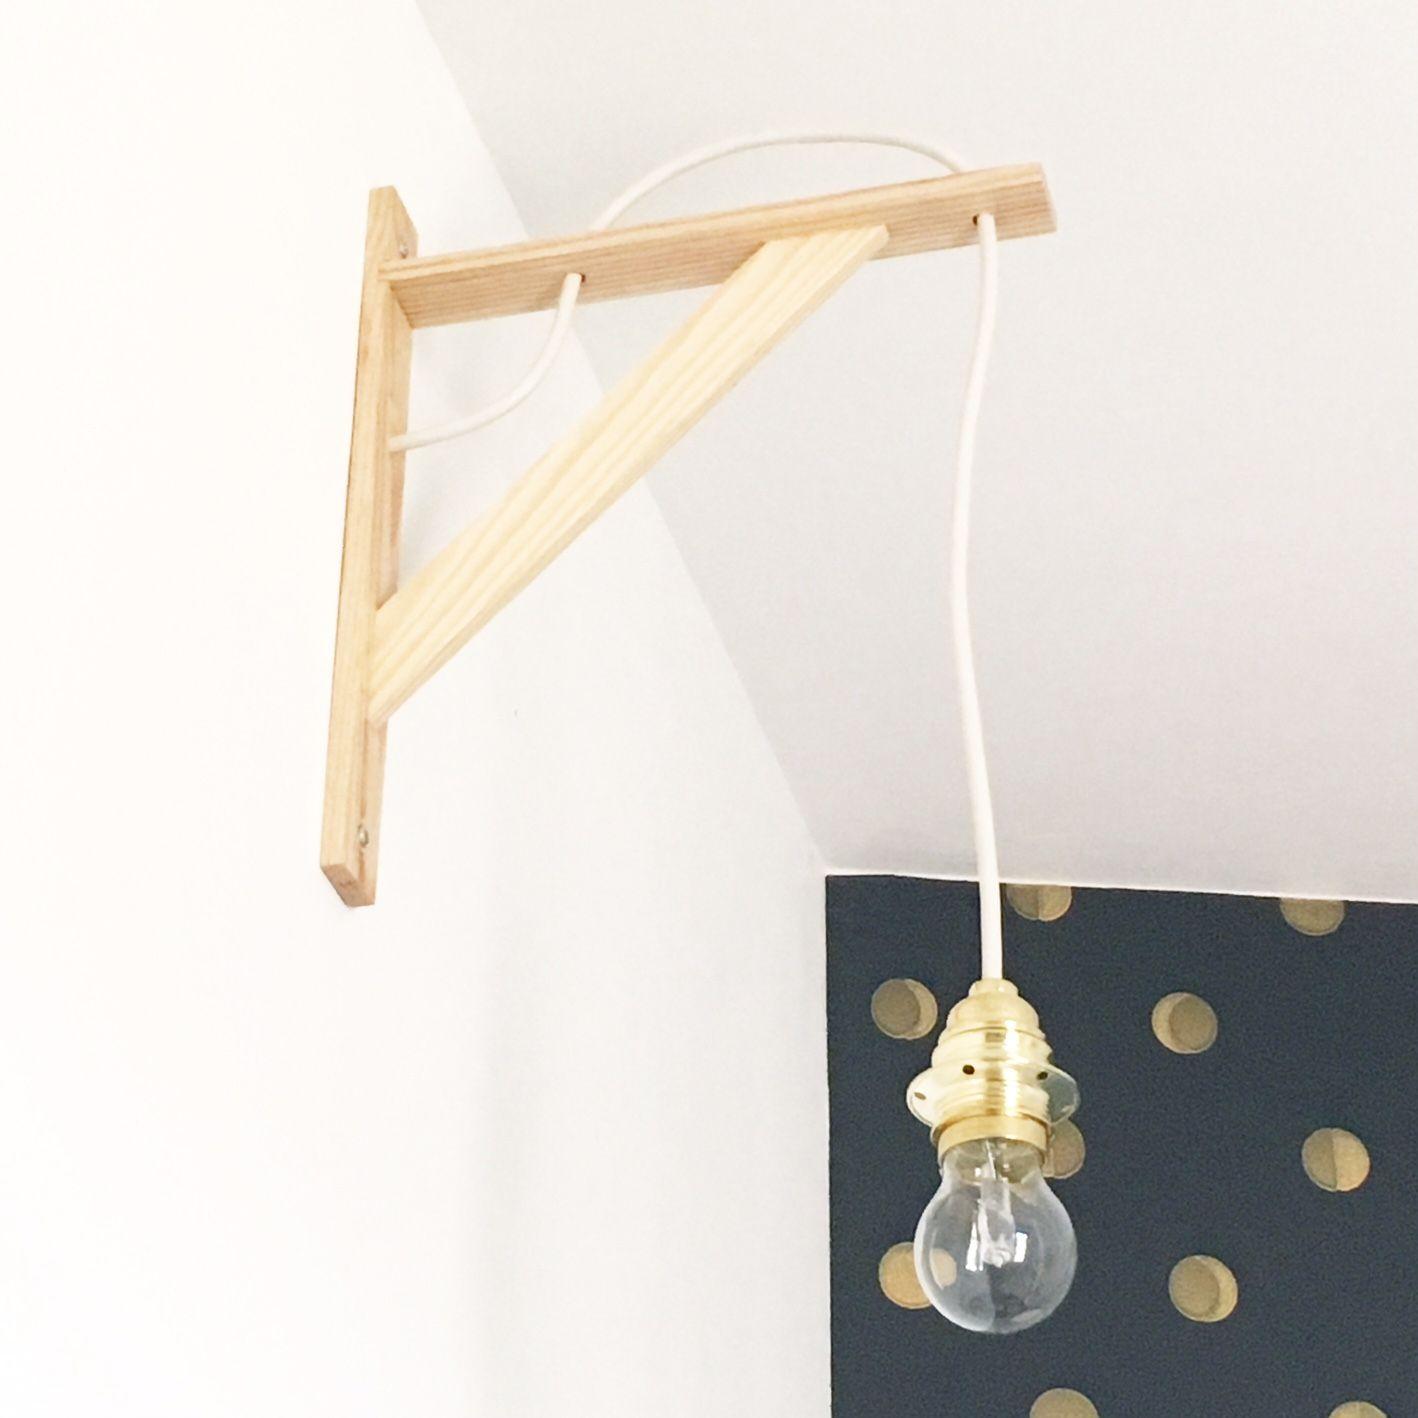 diy une applique murale qui en jette id es d co appart. Black Bedroom Furniture Sets. Home Design Ideas